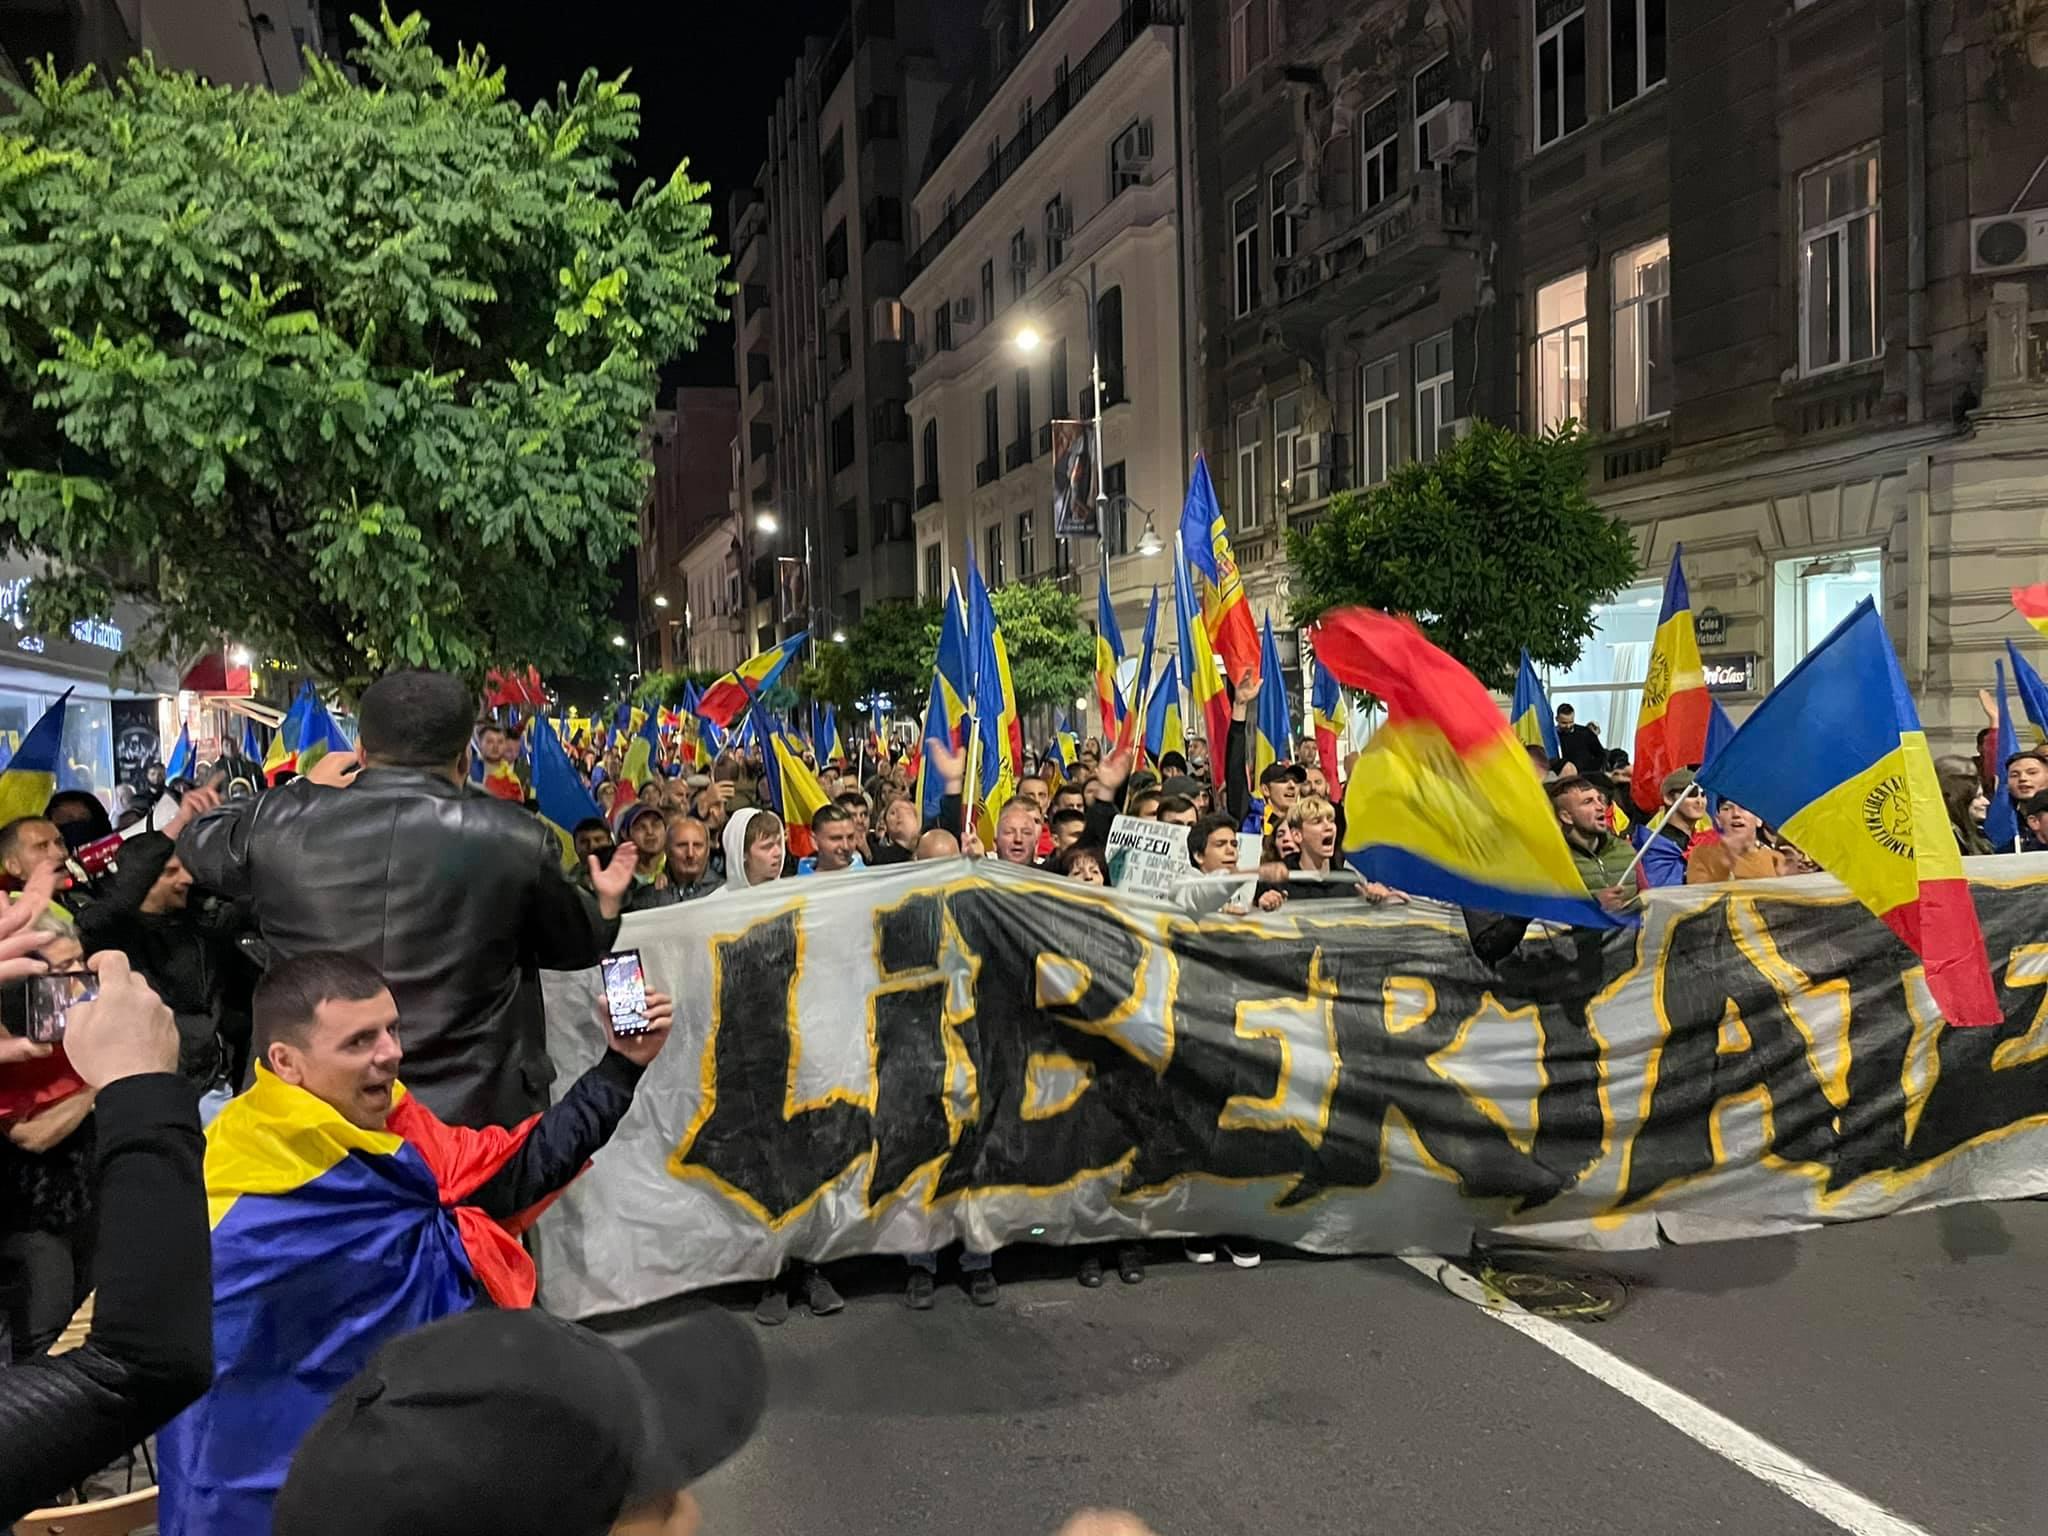 Peste 10.000 de oameni au ieșit în stradă în București sâmbătă seara. Jandarmeria a împărțit amenzi, dar le-a mulțumit protestatarilor că acțiunea a fost pașnică